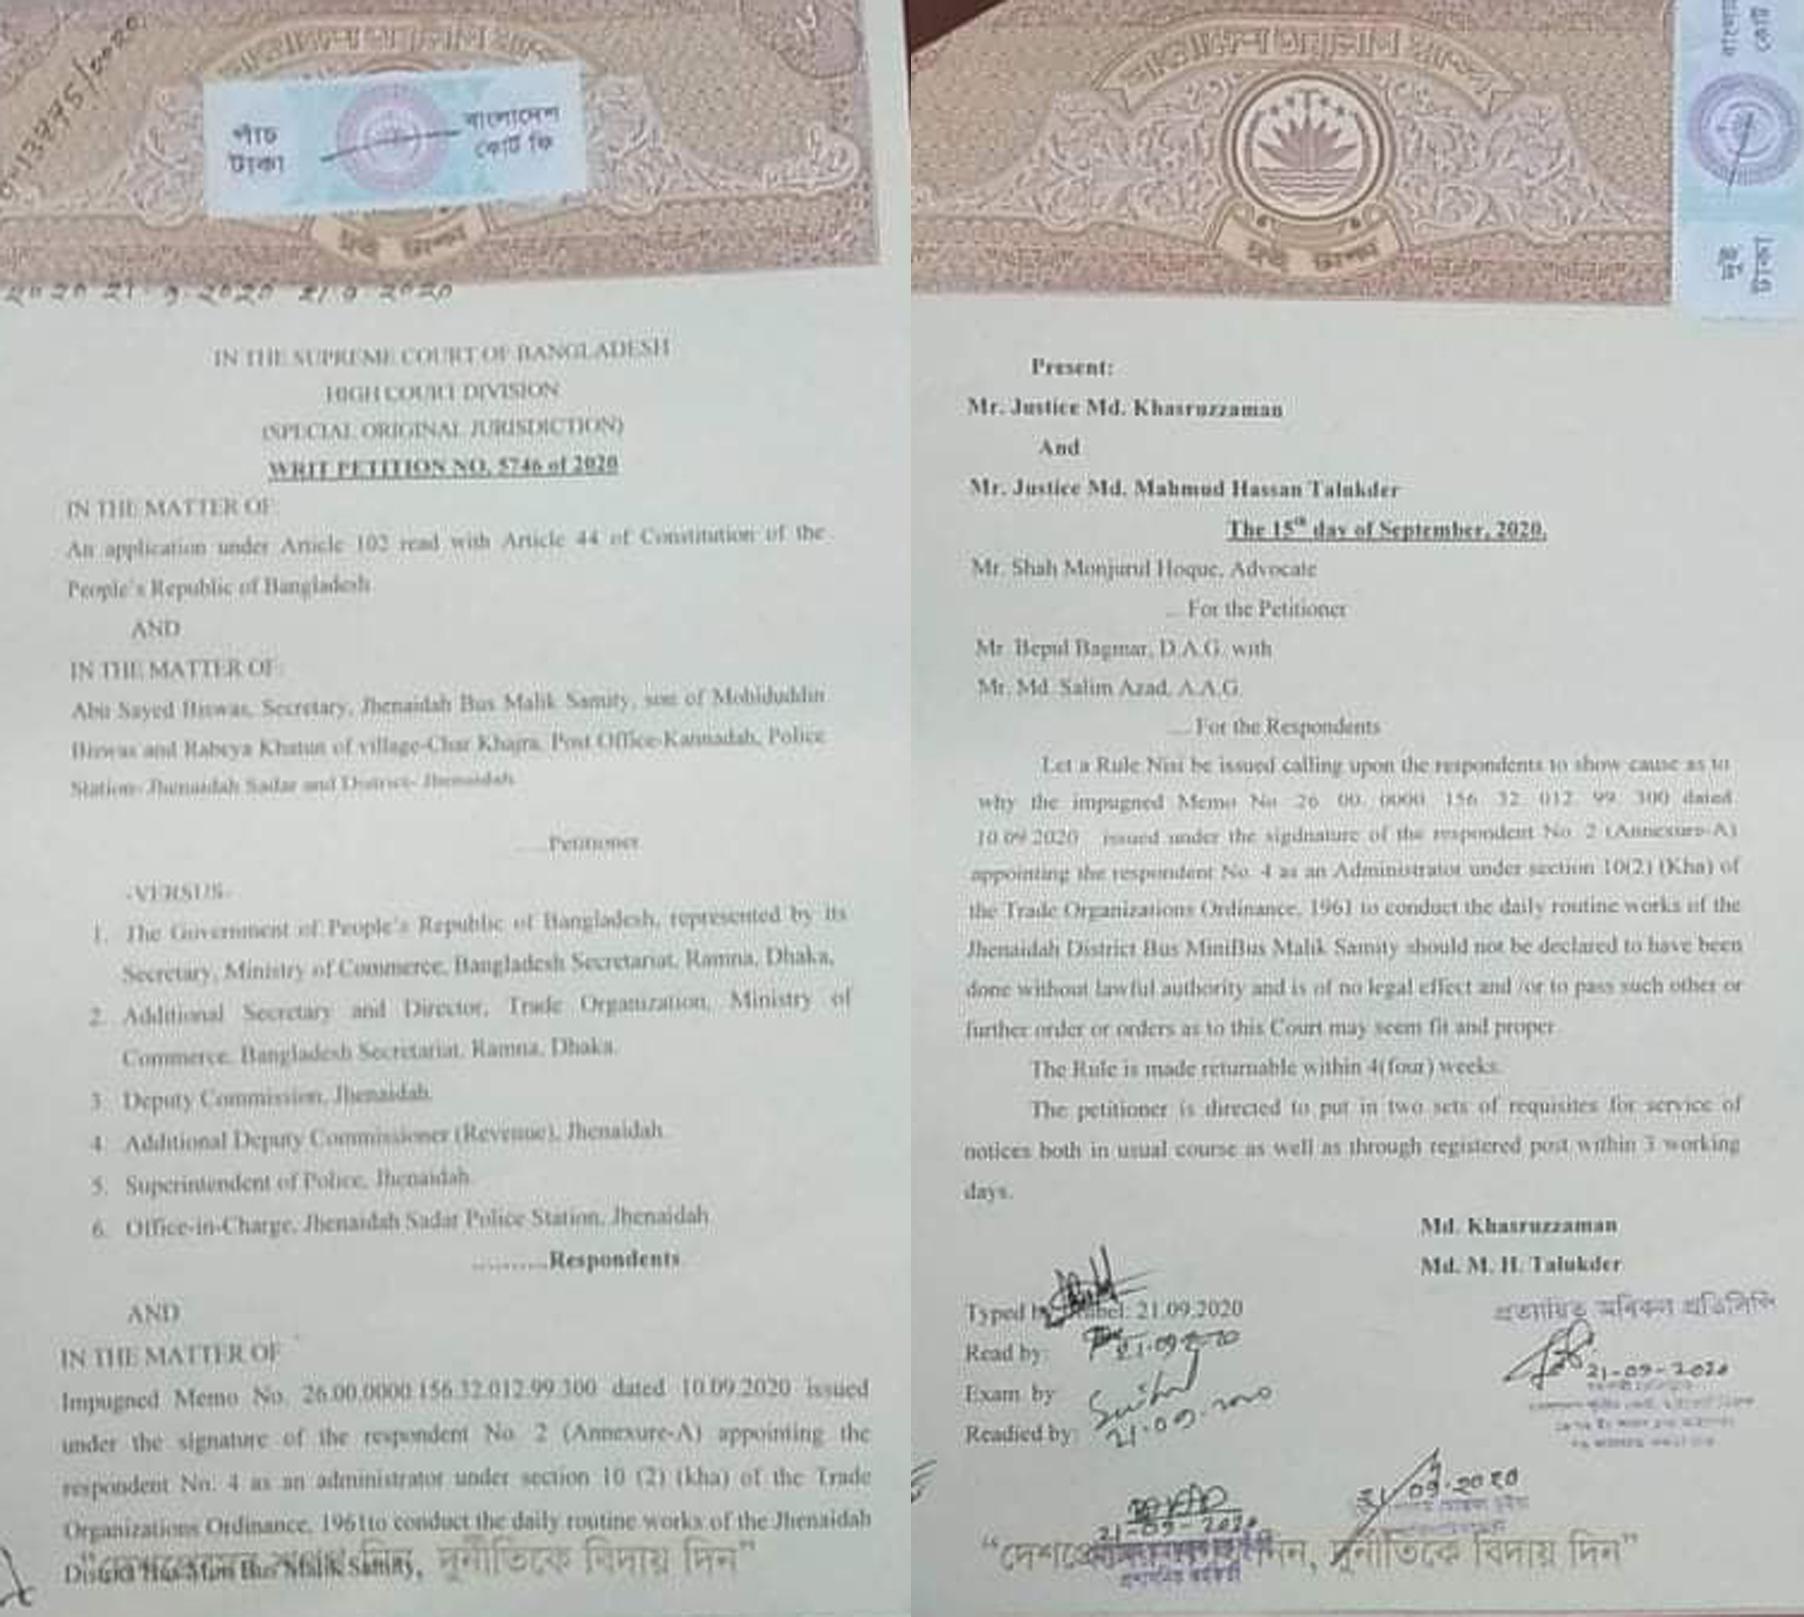 ঝিনাইদহ জেলা বাস-মিনিবাস মালিক সমিতির প্রশাসক  নিয়োগের বৈধতা চ্যালেঞ্জ করে এবার হাইকোর্টে রীট